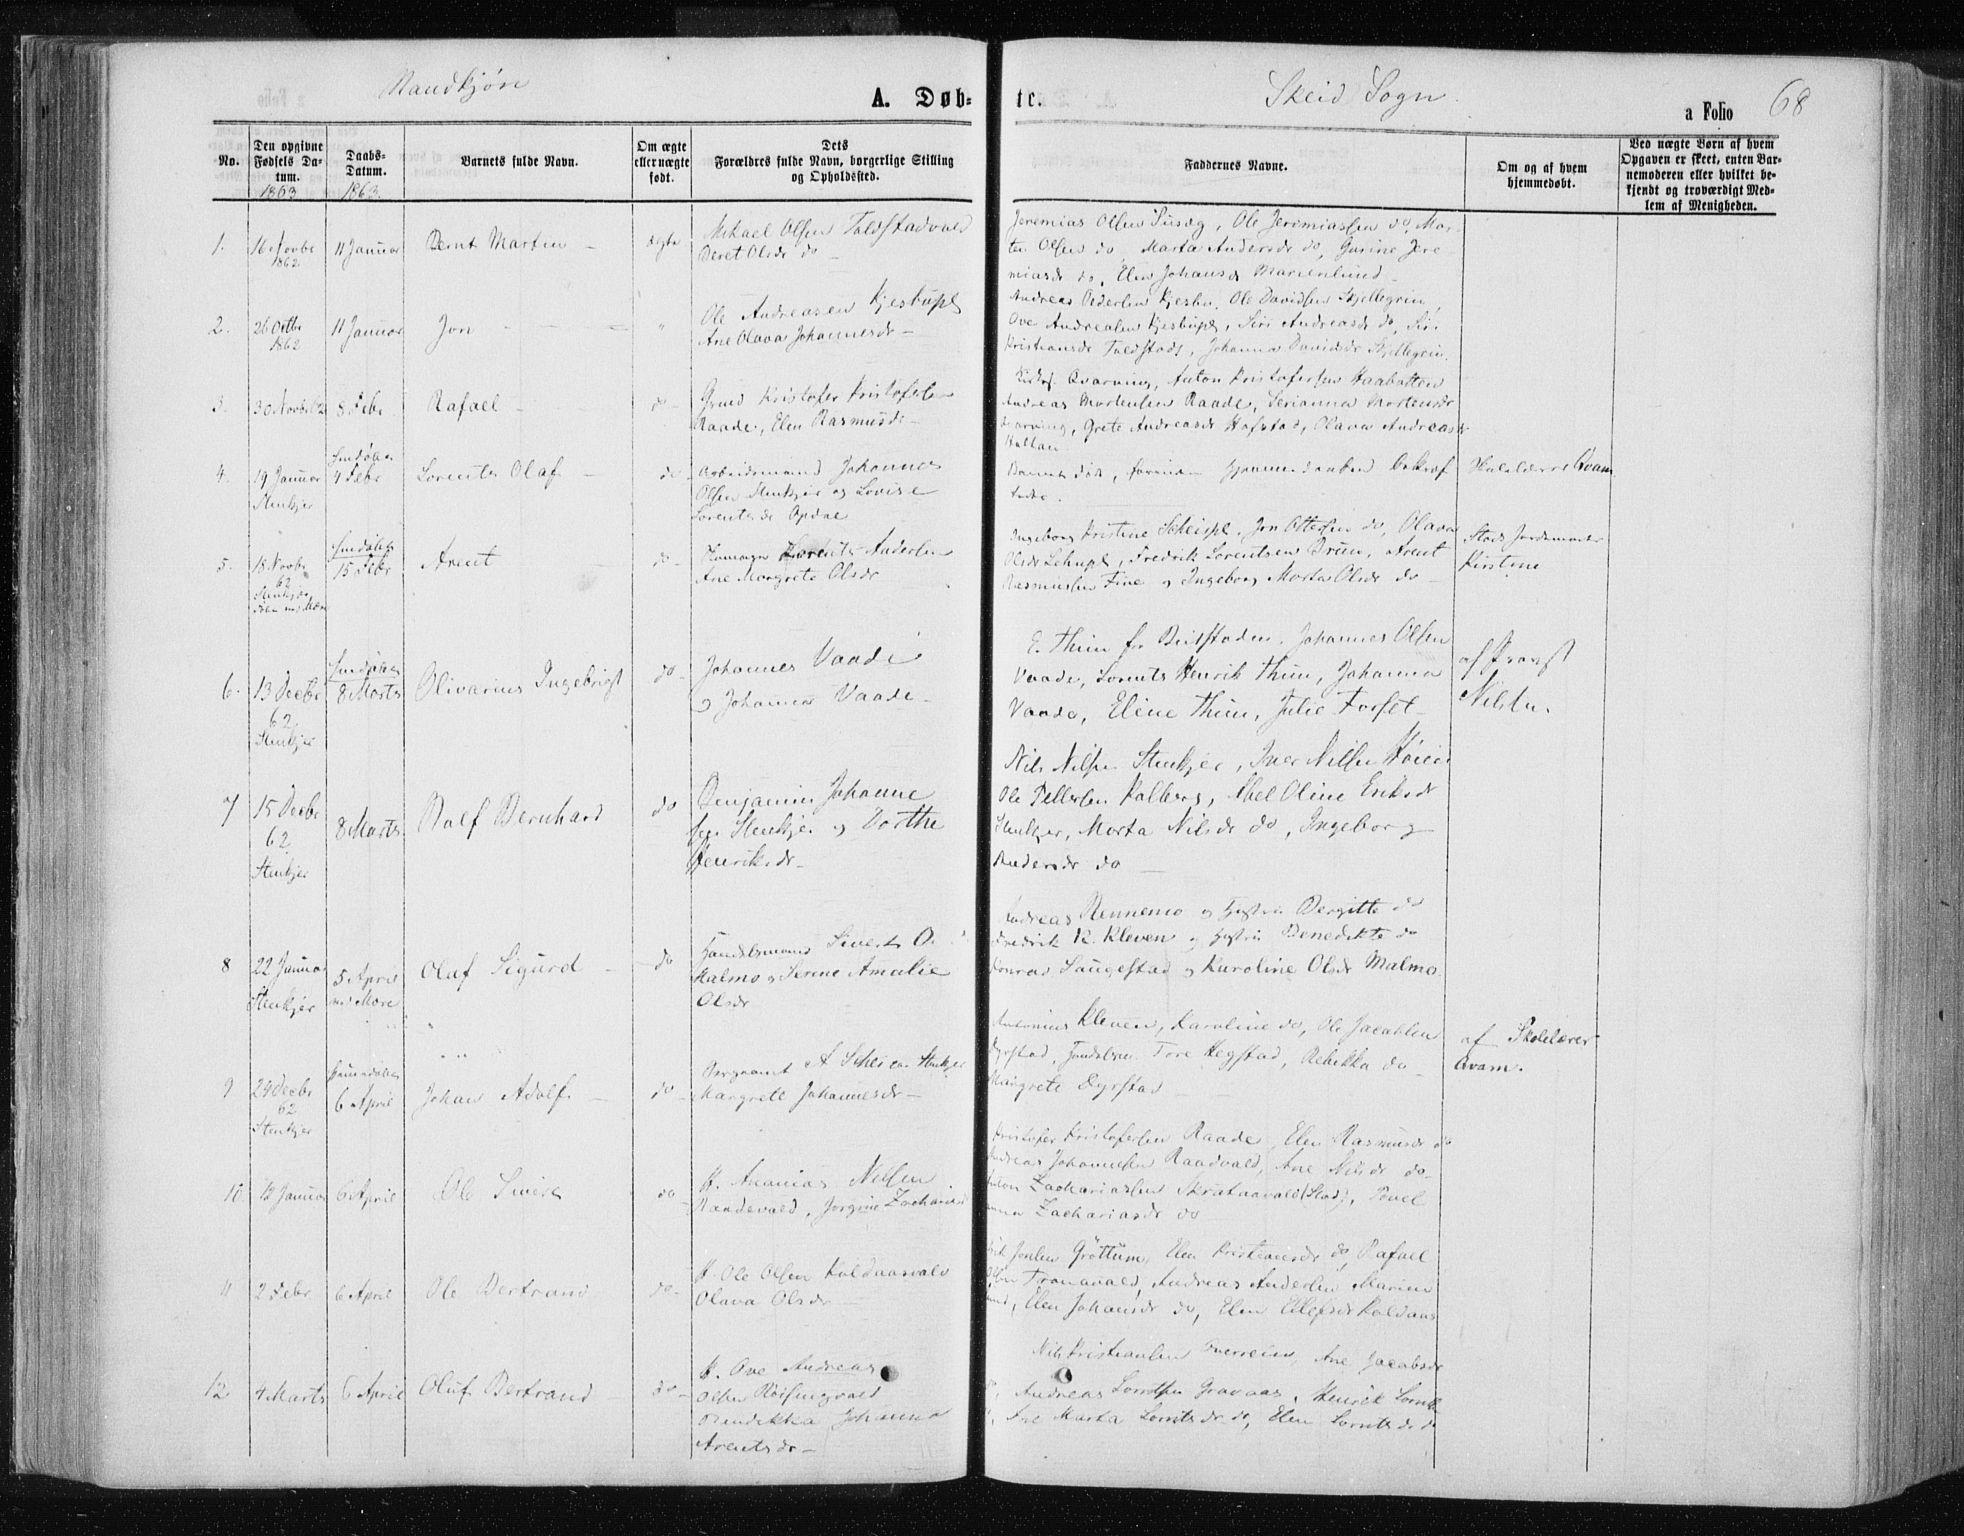 SAT, Ministerialprotokoller, klokkerbøker og fødselsregistre - Nord-Trøndelag, 735/L0345: Ministerialbok nr. 735A08 /2, 1863-1872, s. 68